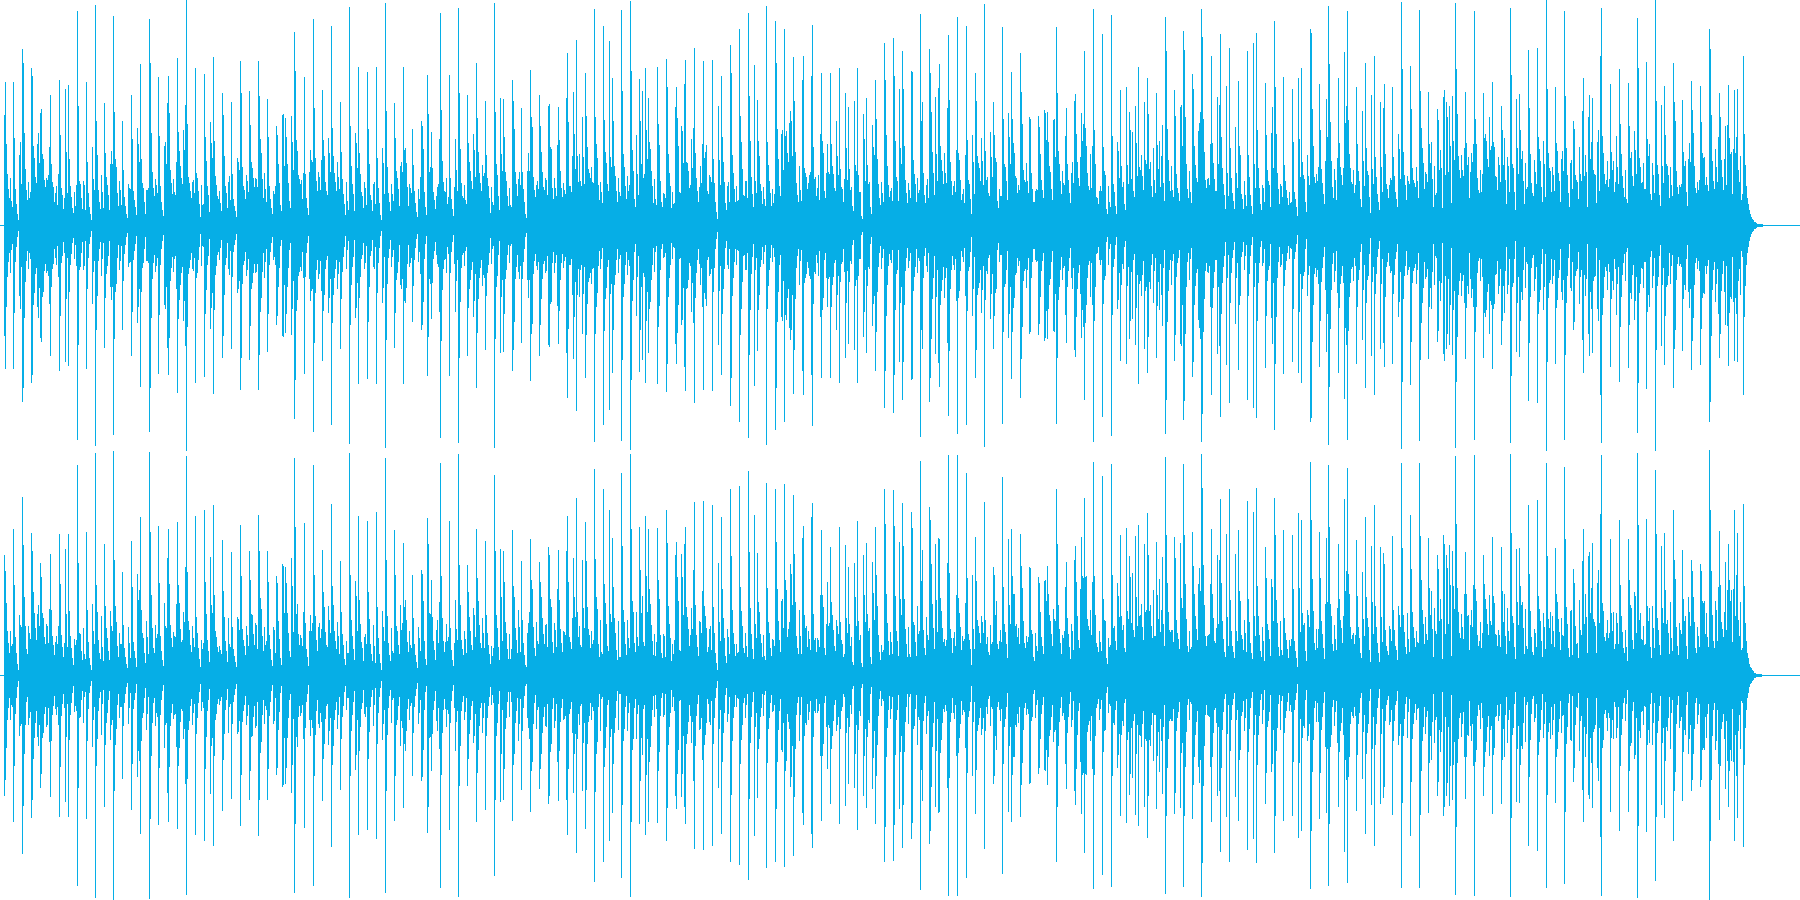 リズムゲーム風 とにかく軽快陽気の再生済みの波形